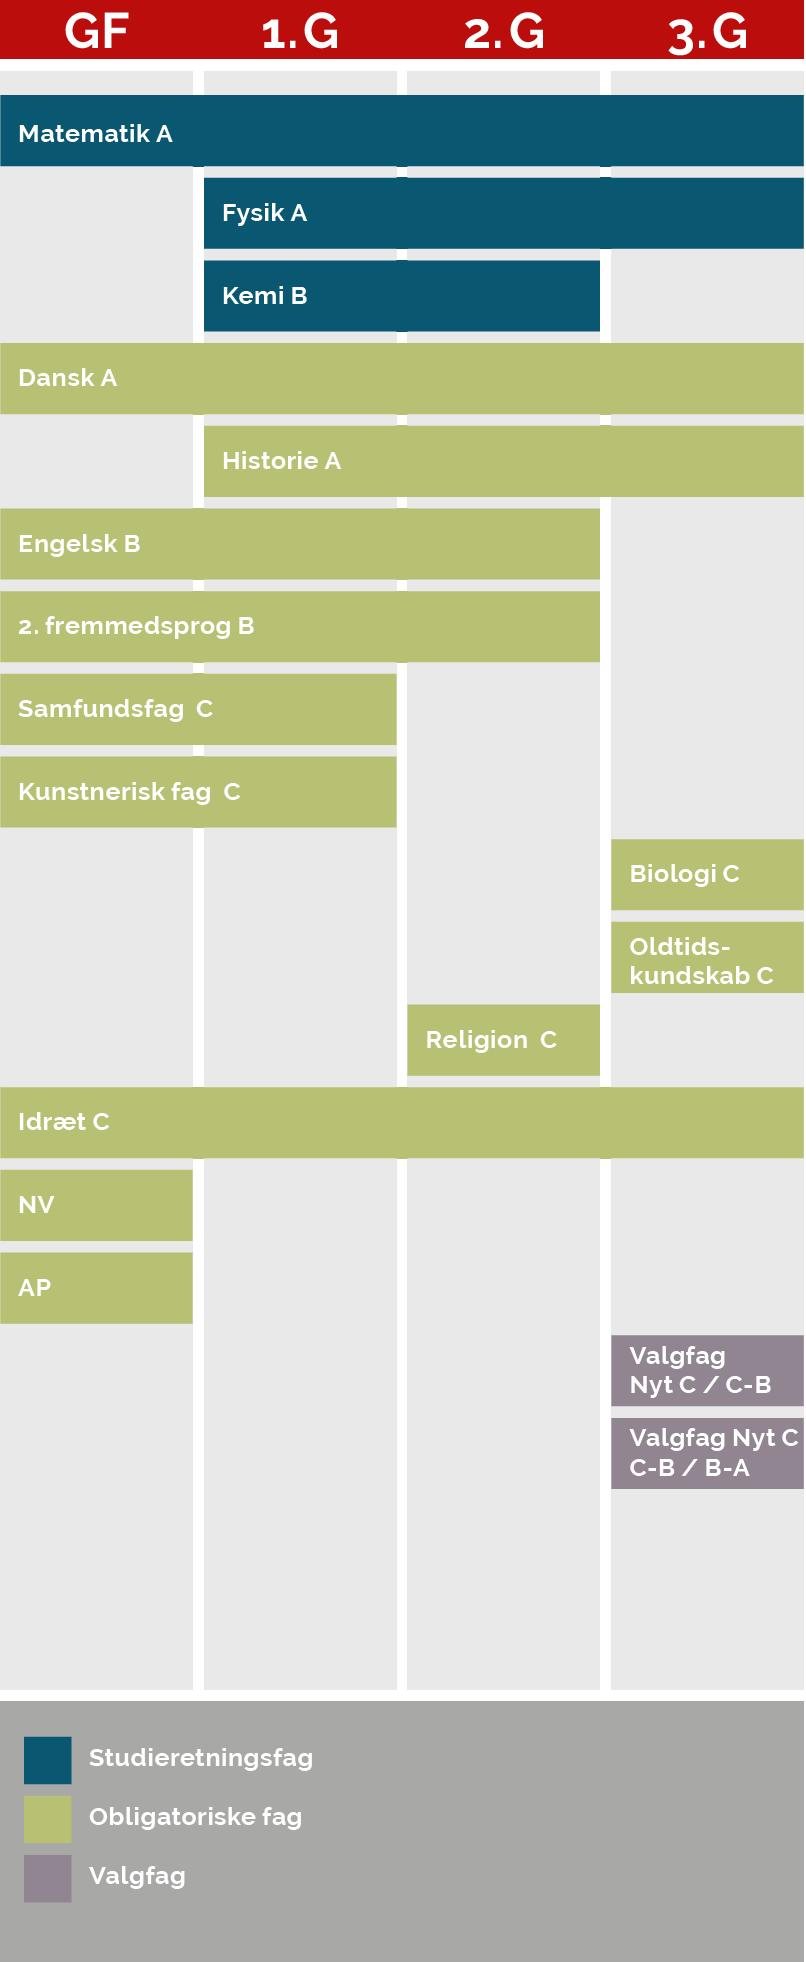 En grafisk model der viser, hvornår du har hvilke fag på denne studieretning. Af modellen fremgår følgende: Matematik på A-niveau, som er et studieretningsfag, har du både i grundforløb, 1.g og 2.g. Fysik på A-niveau, som er et studieretningsfag, har du i 1.g og 2.g. Kemi på B-niveau, som er dit tredje studieretningsfag, har du i 1.g og 2.g Dansk på A-niveau er et obligatorisk fag, du har i både grundforløb, 1.g, 2.g og 3.g. Historie på A-niveau er et obligatorisk fag, du har i 1.g, 2.g og i 3.g Engelsk på B-niveau og 2. fremmedsprog på B-niveau, som begge er obligatoriske fag, har du i grundforløb, 1.g og 2.g Samfundsfag og kunstnerisk fag på C-niveau, som begge er obligatoriske fag, har du i grundforløb og 1.g Biologi og Oldtidskundskab på C-niveau, som er obligatoriske fag, har du i 3.g Religion på C-niveau, som er et obligatorisk fag, har du i 2.g. Idræt på C-niveau, som er et obligatorisk fag, har du i grundforløb, 1.g, 2.g og 3.g. NV og AP, som er obligatoriske fag, har du kun i grundforløb. I 3.g har du samlet to valgfag, som enten er et nyt fag på C-niveau eller et C-niveau-fag, som du hæver til B-niveau eller et valgfag, som du hæver fra B-niveau til A-niveau.